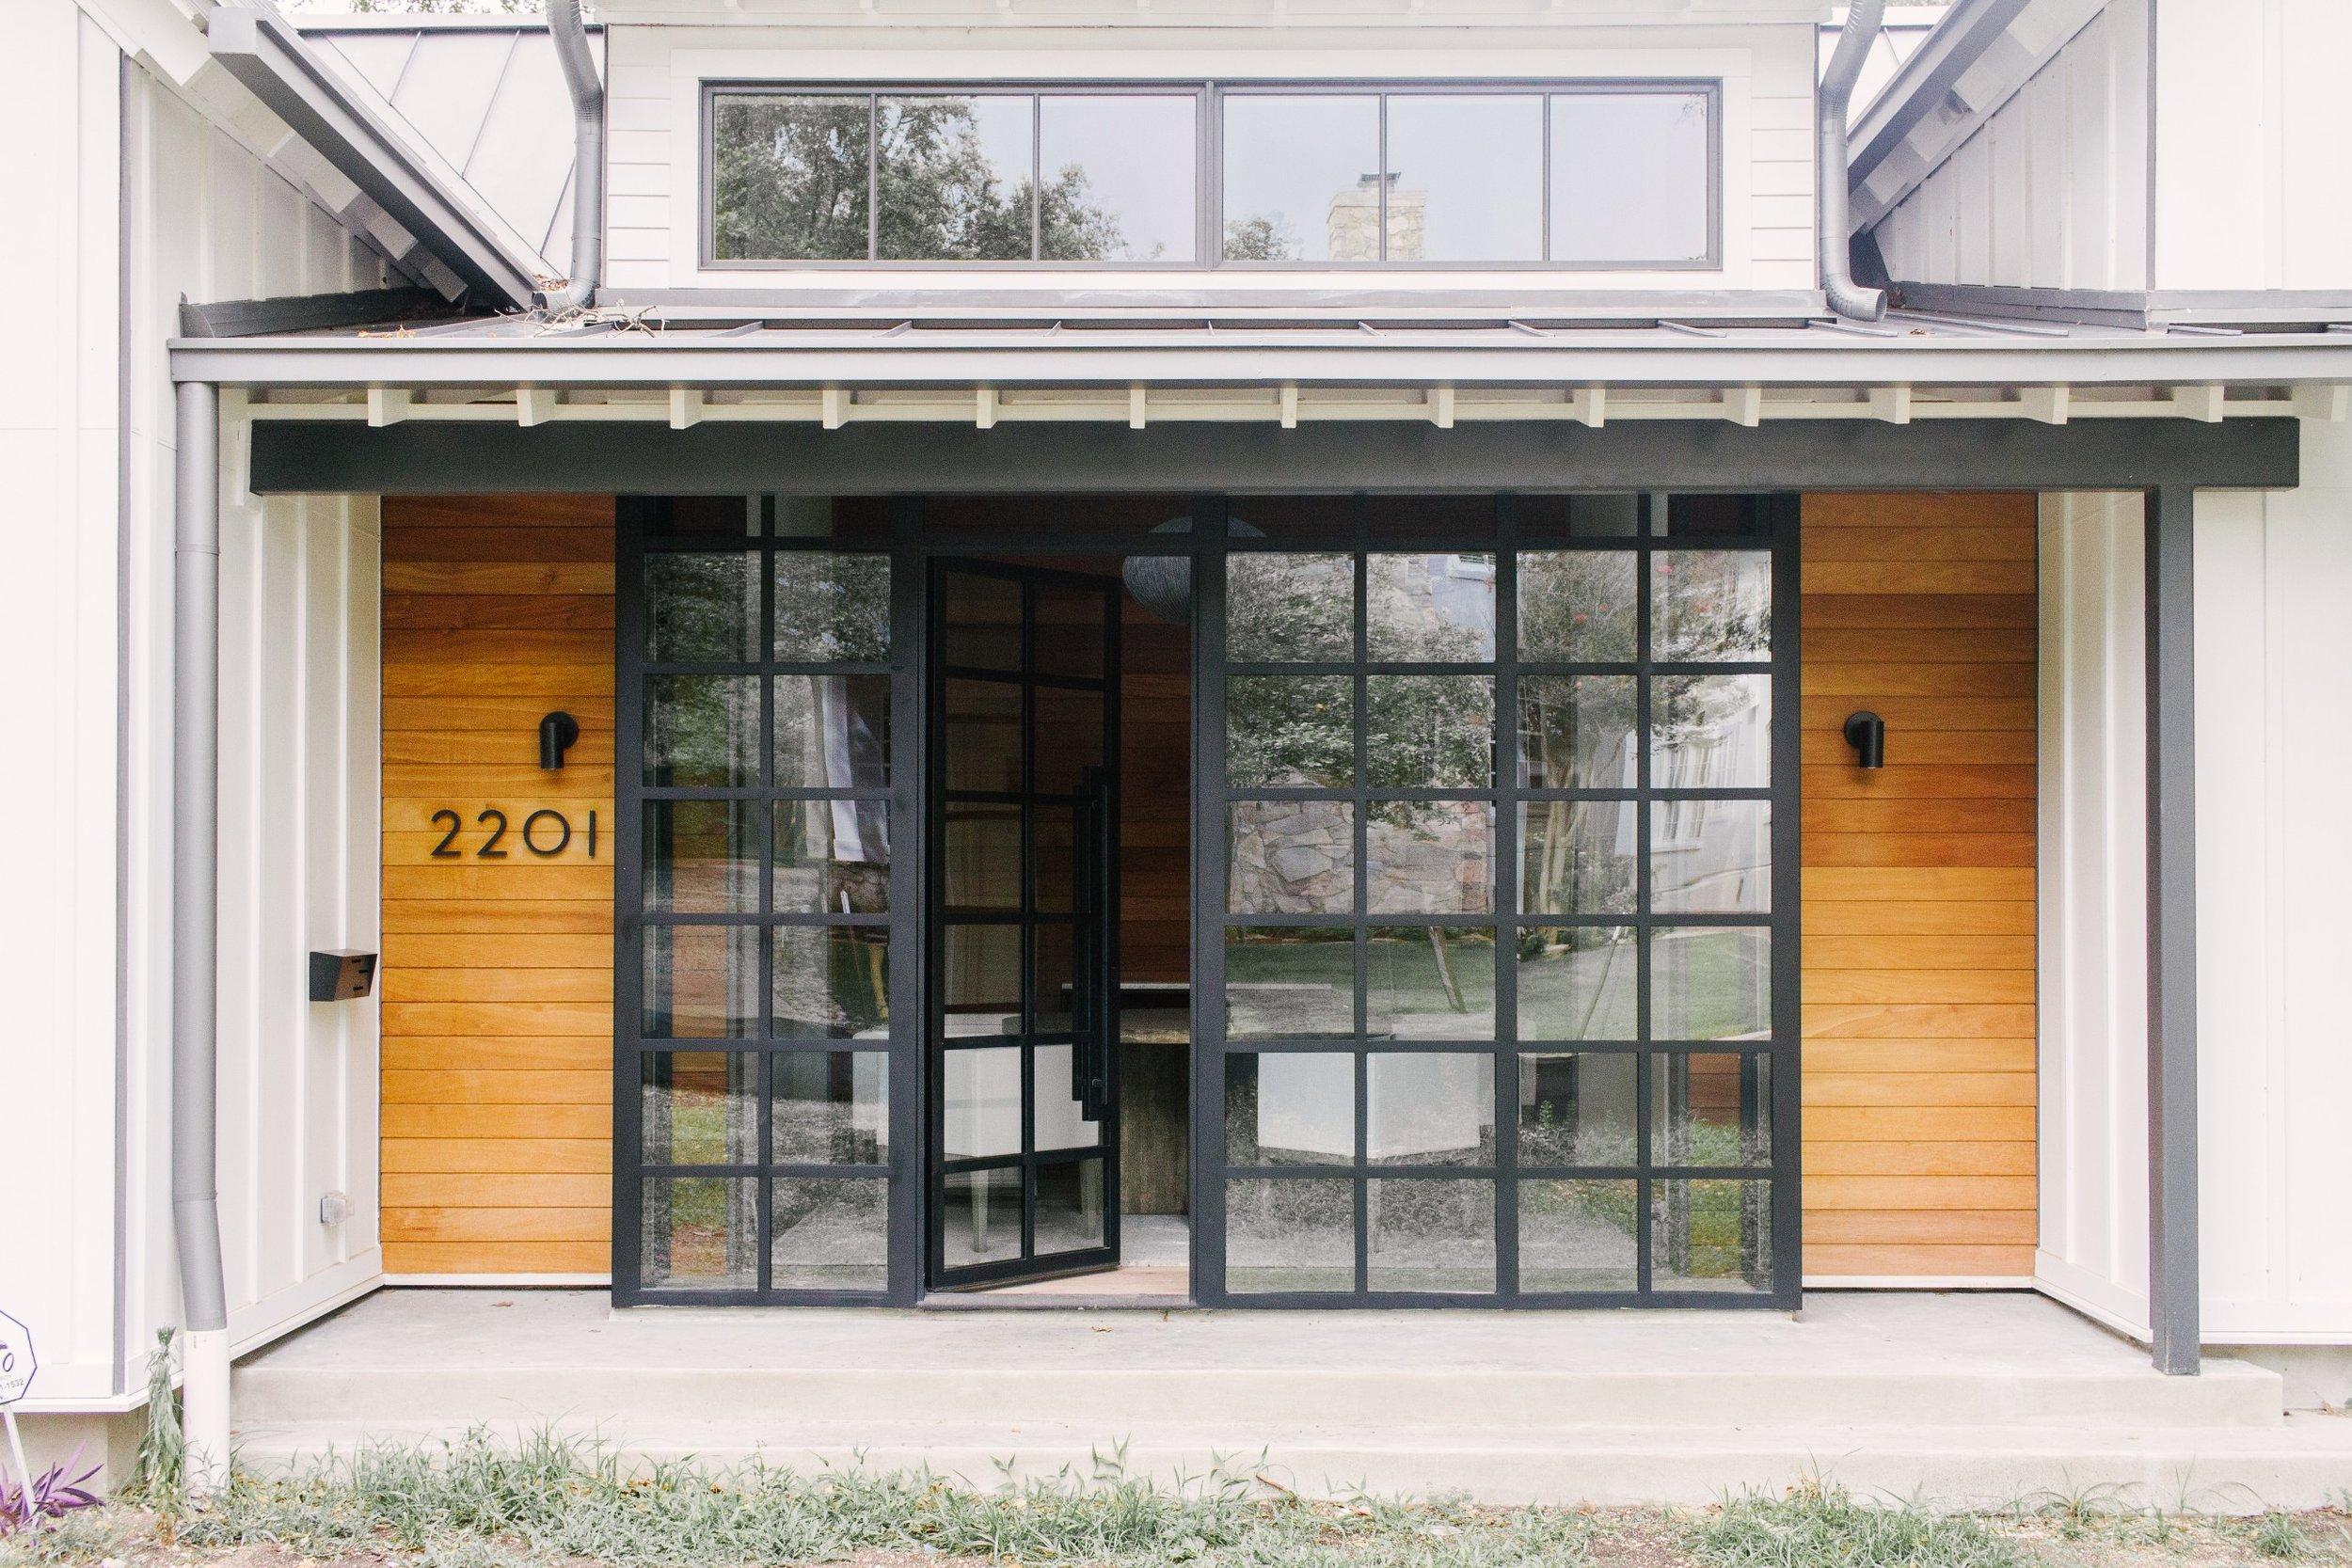 PERCH PLAN-Modern Farmhouse Floor Plan 25.jpg